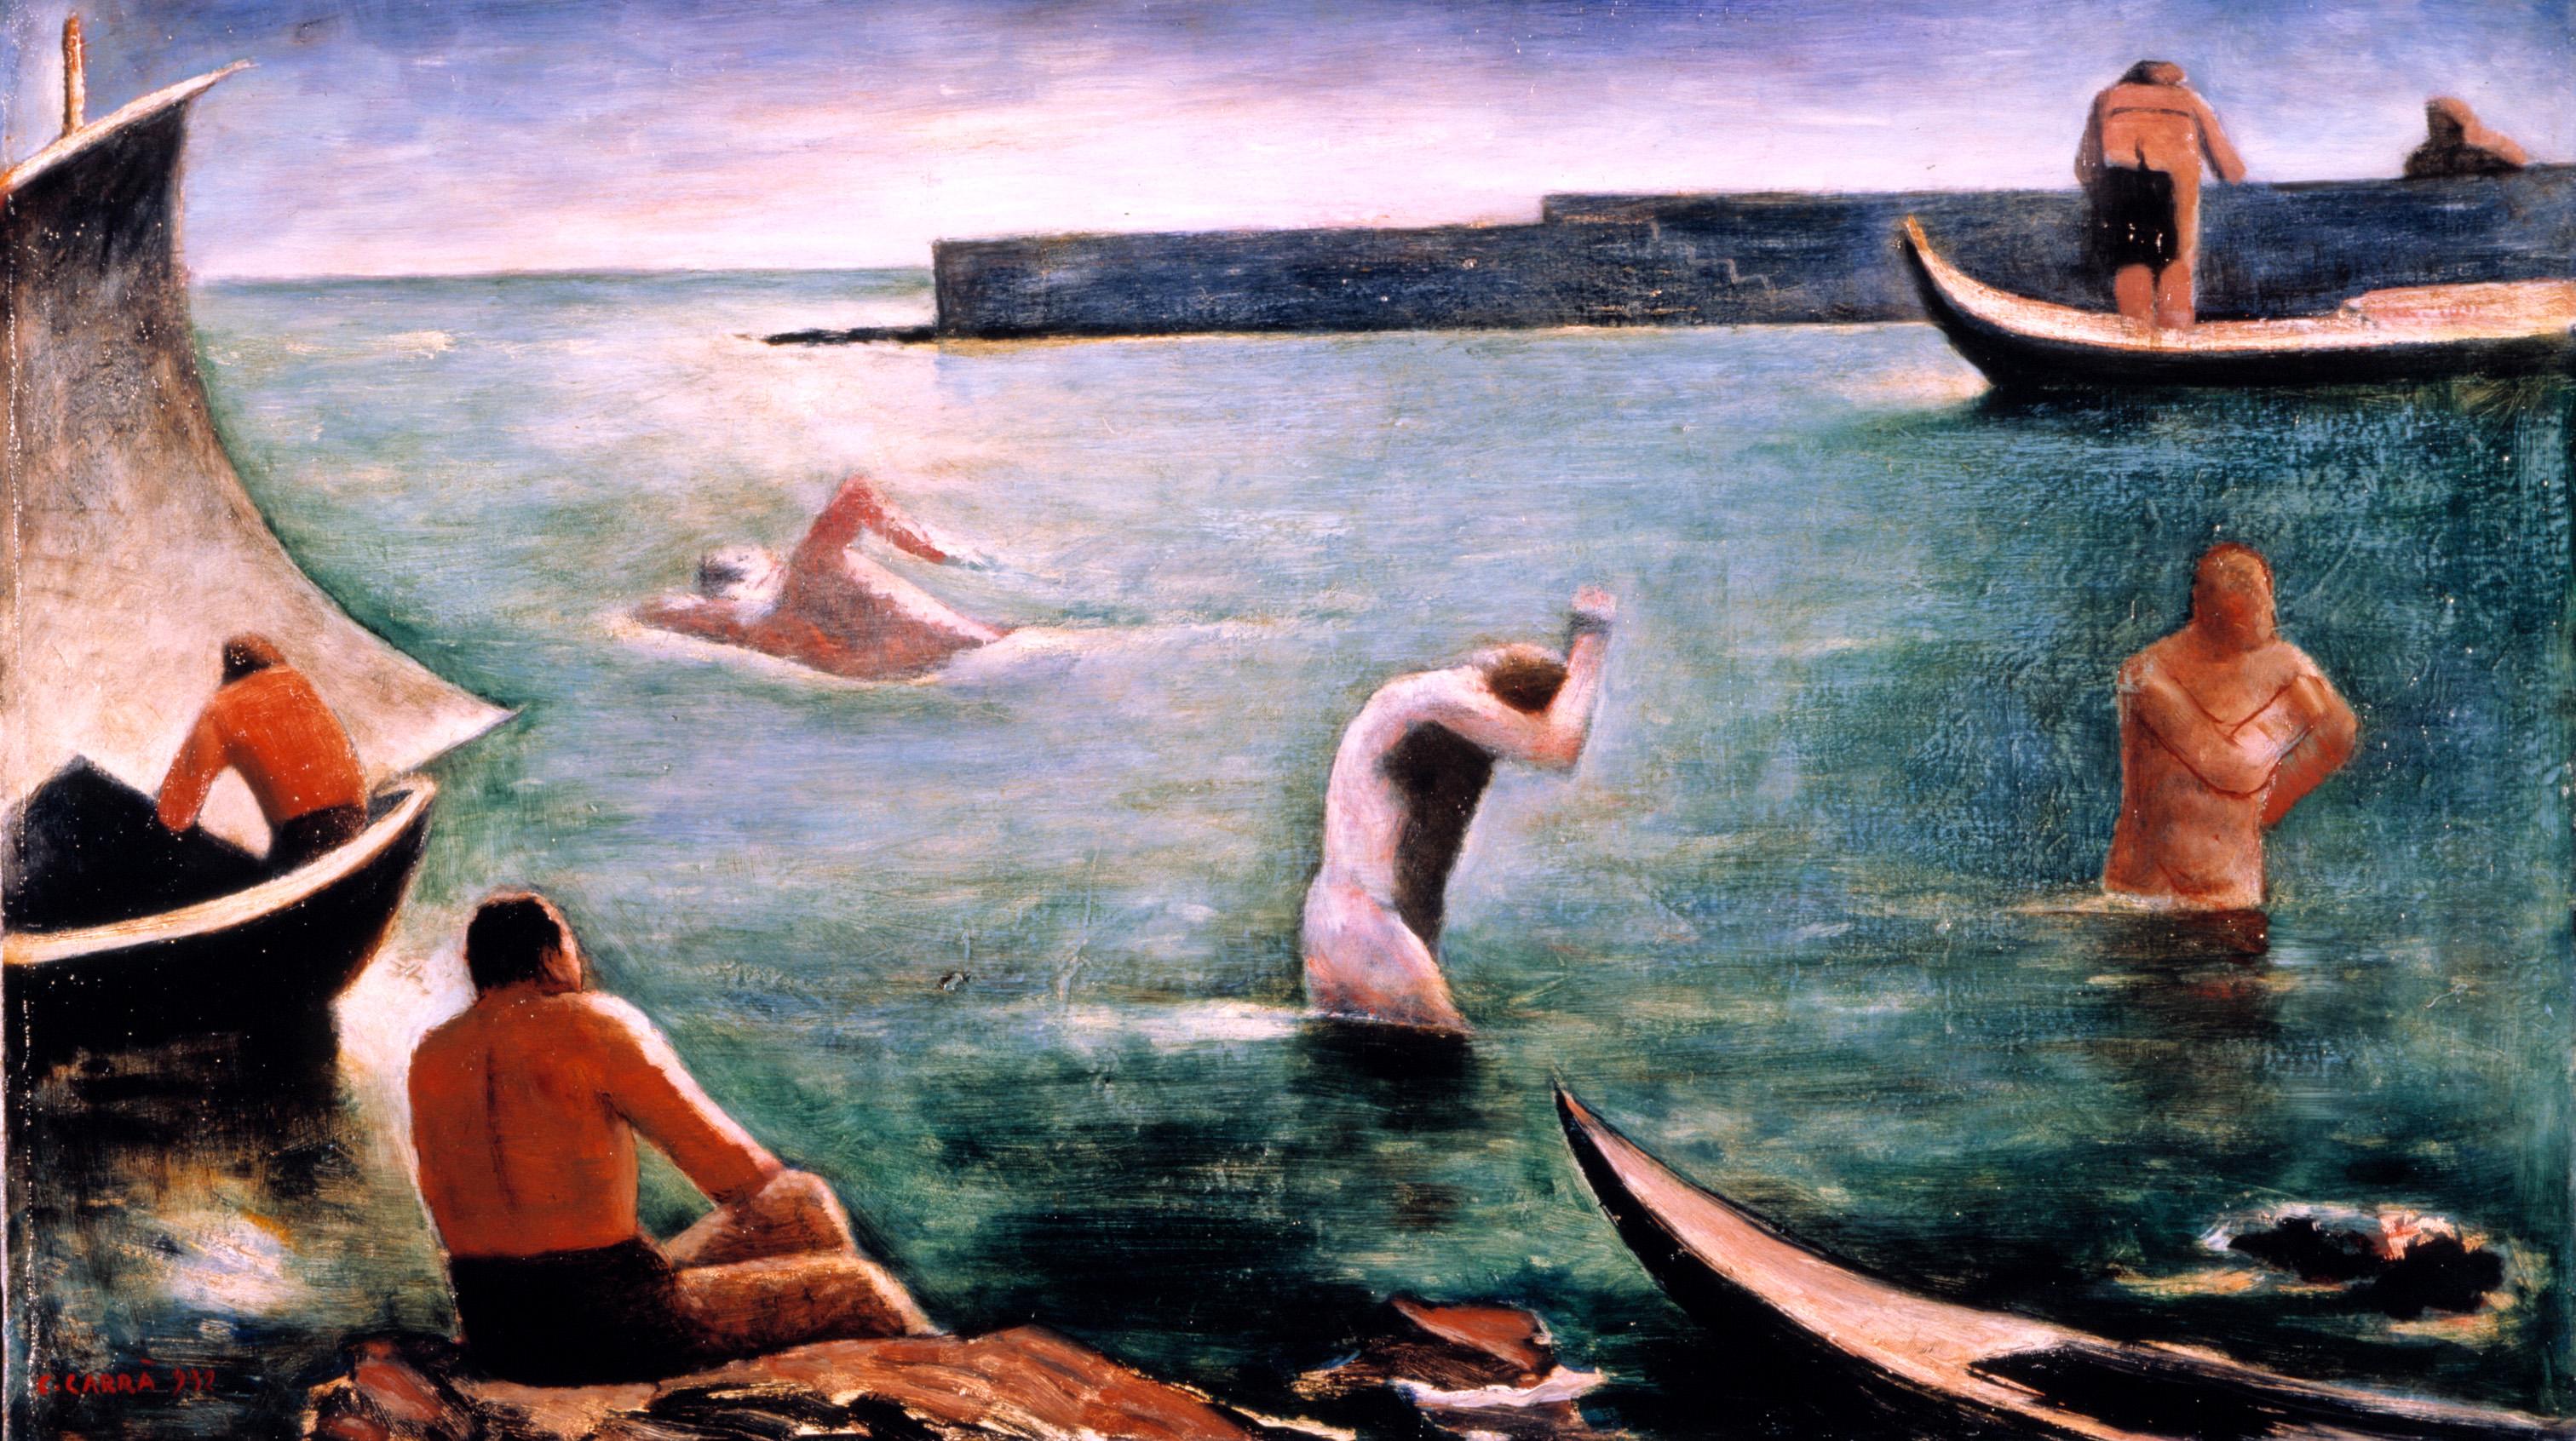 L'arte e il coraggio di Carlo Carrà in mostra ad Alba